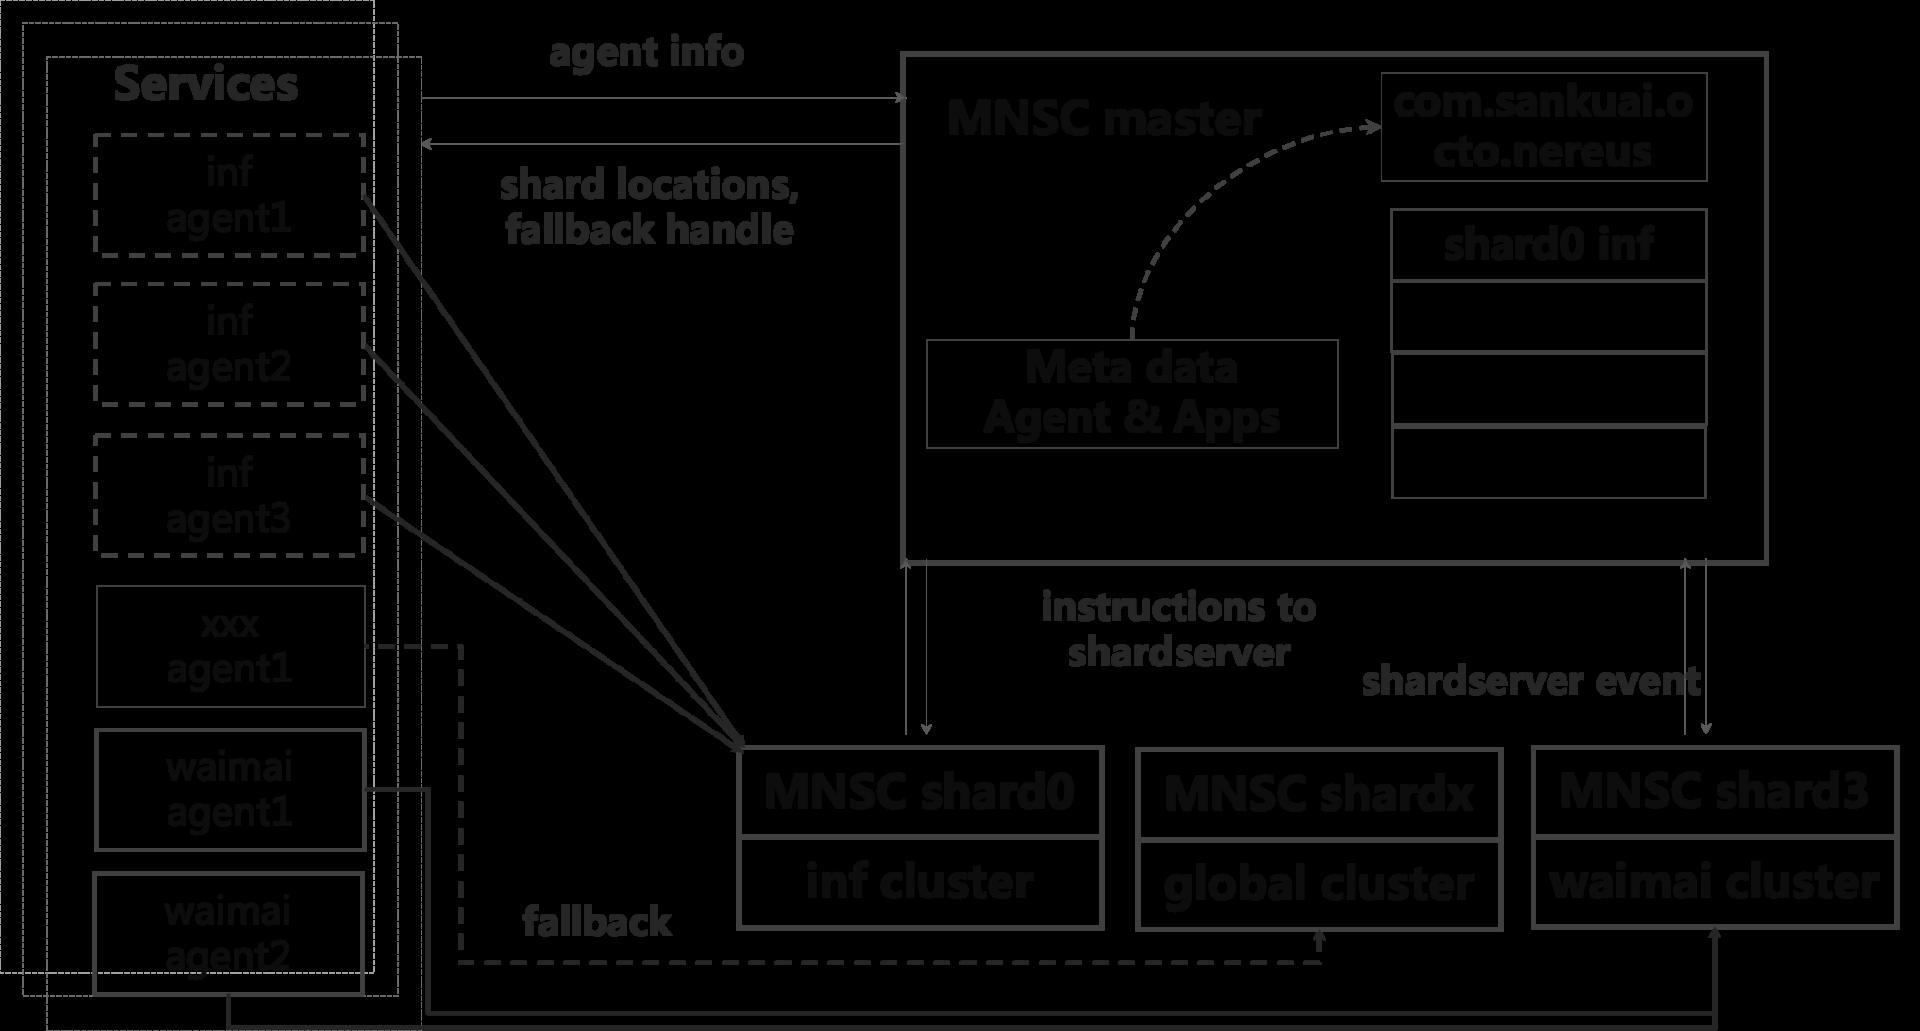 图7 控制服务数据分片示意图